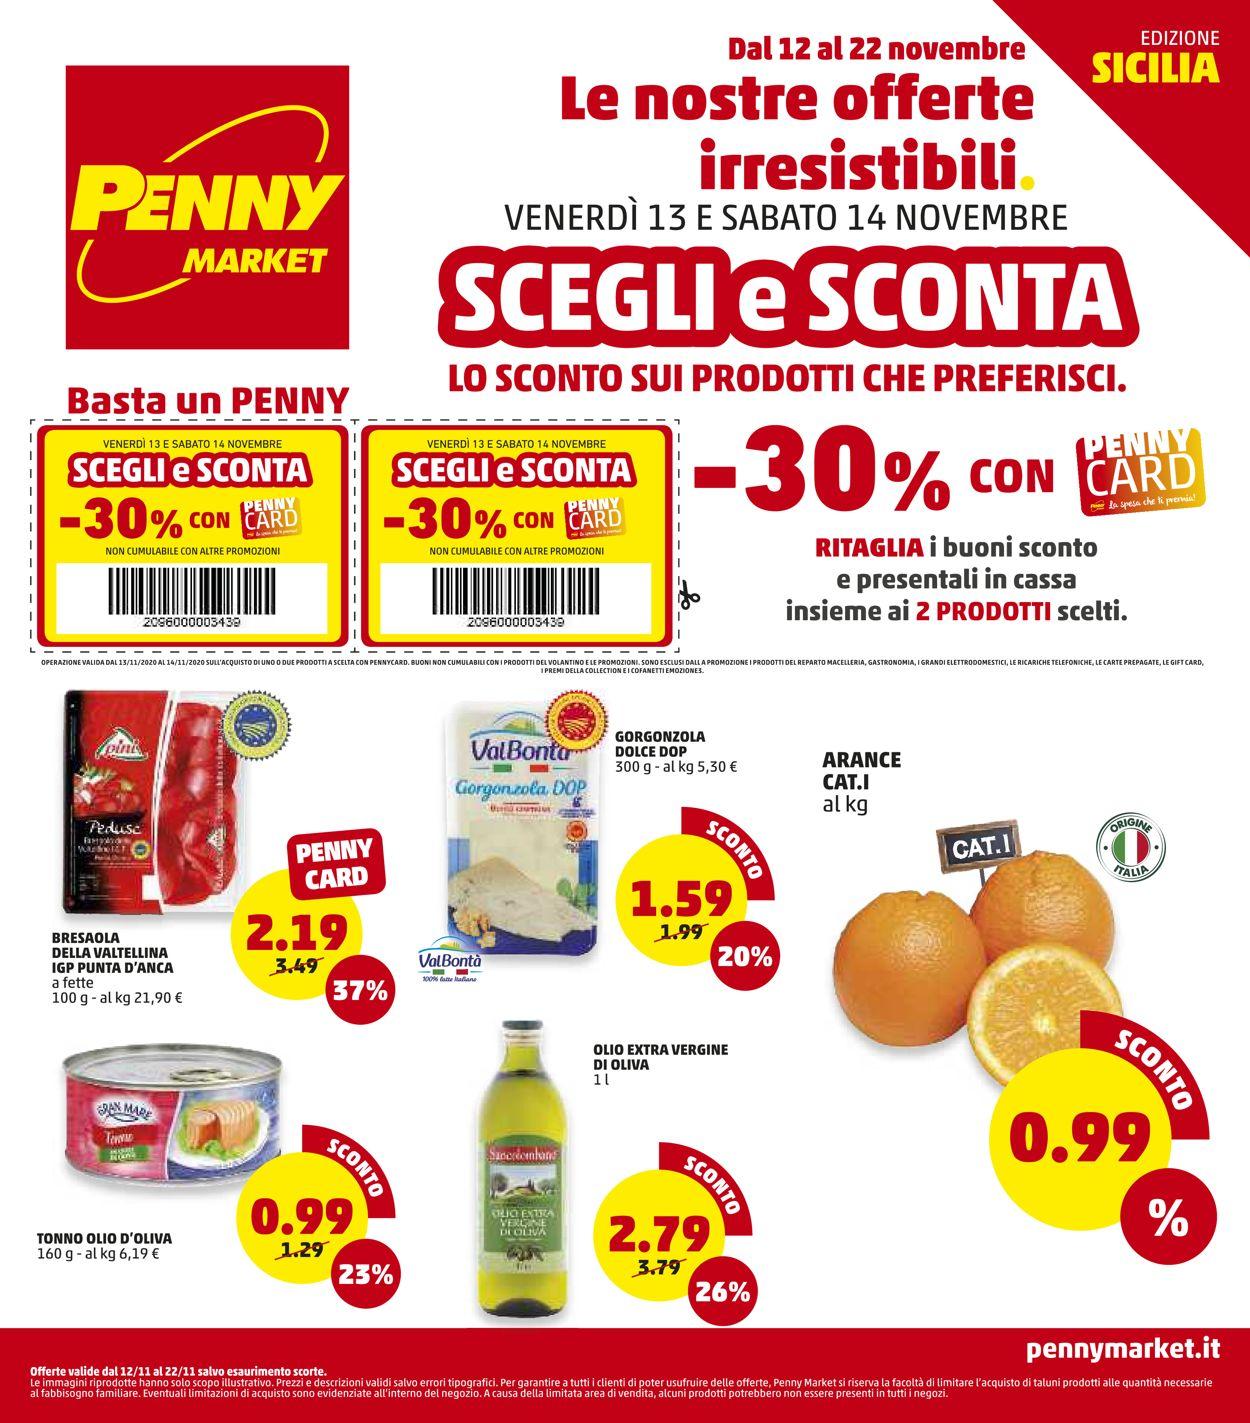 Volantino Penny Market - Offerte 12/11-22/11/2020